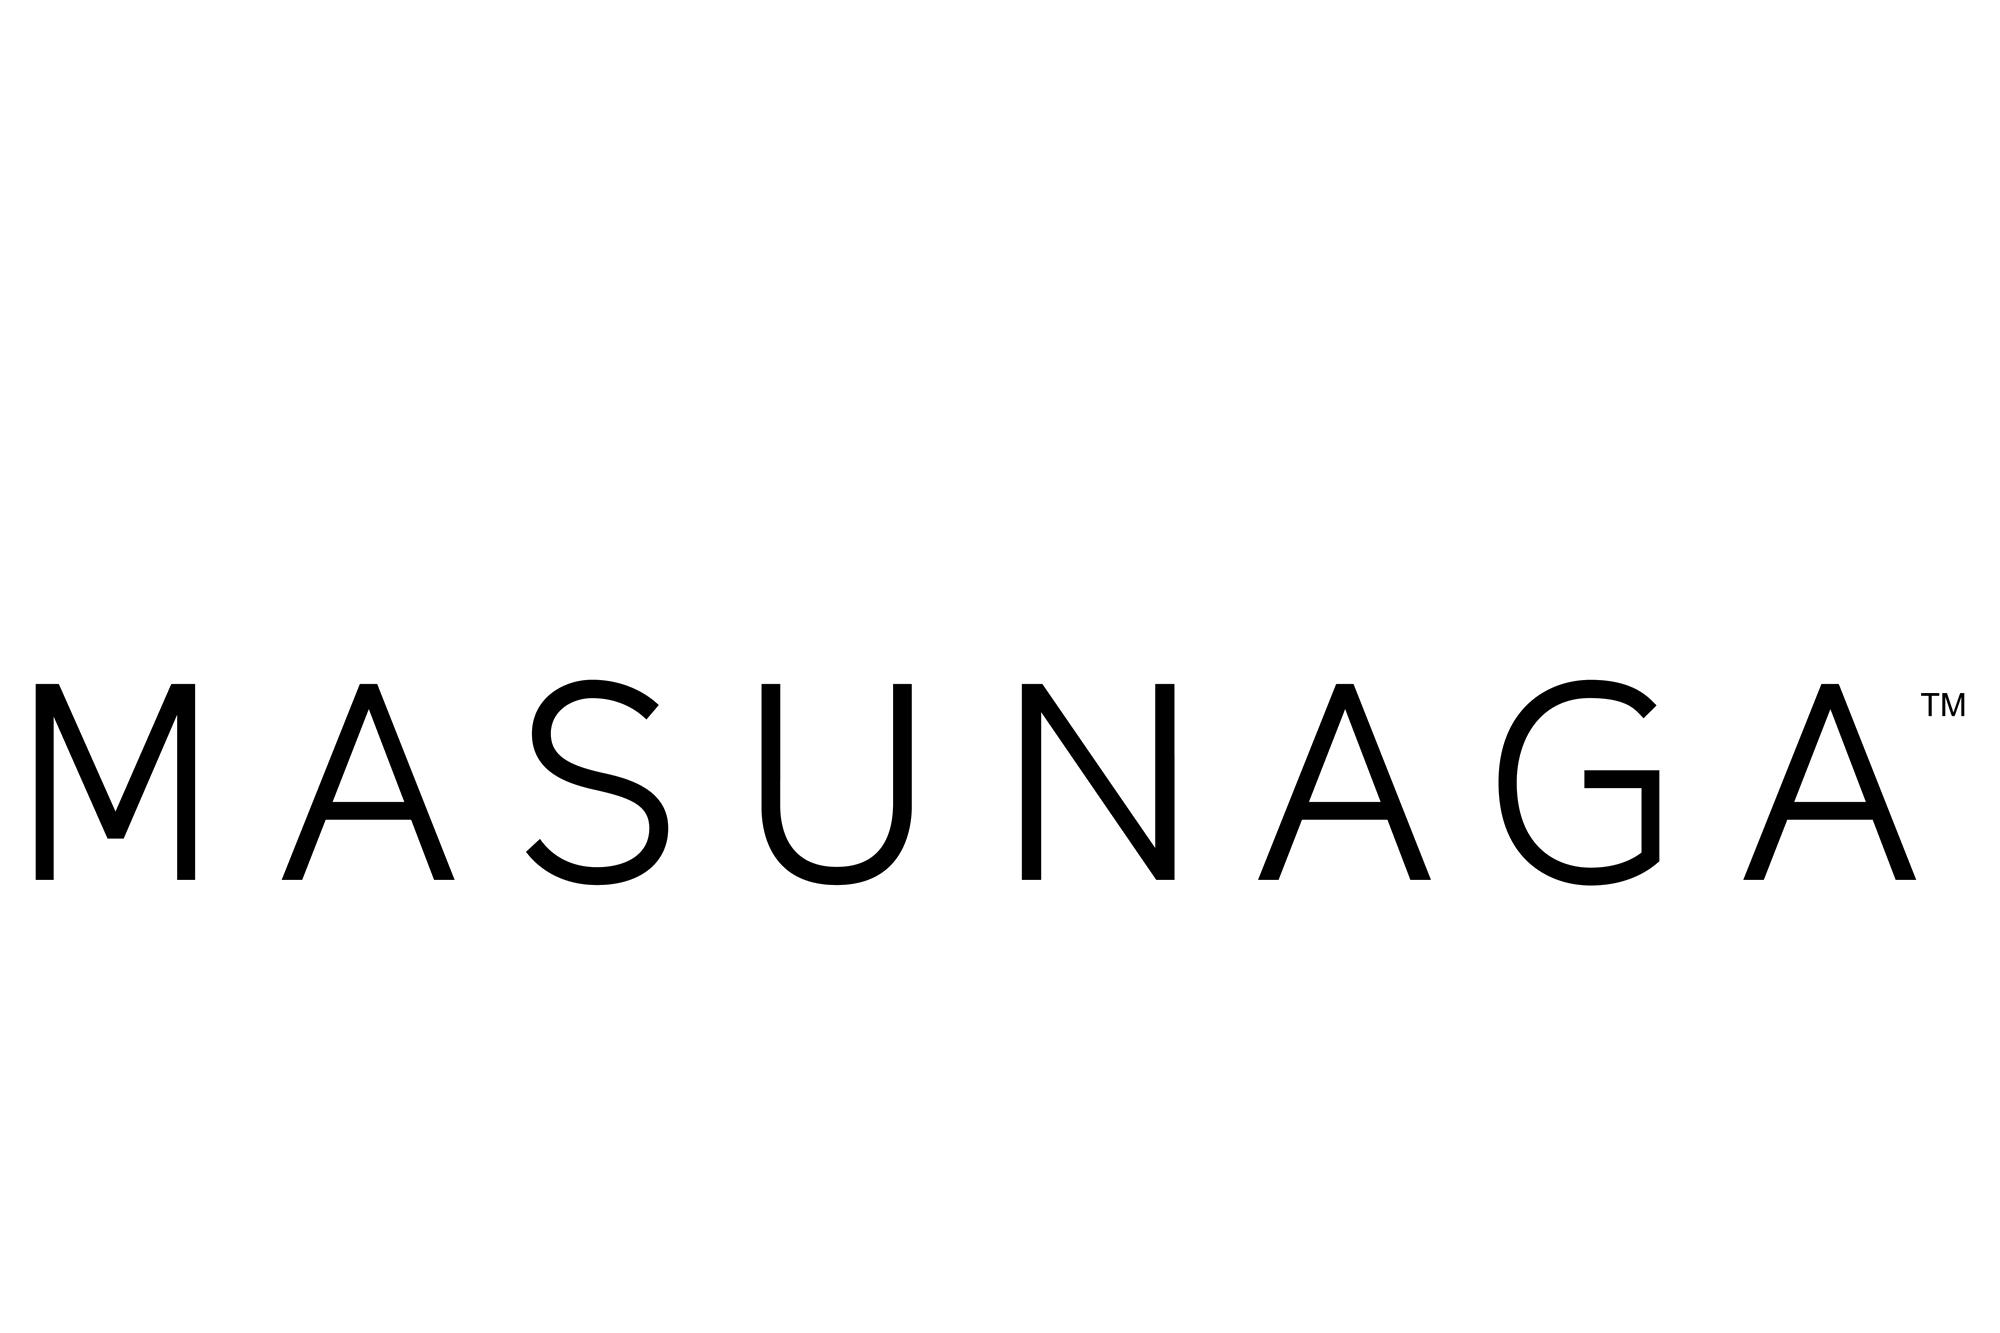 Masunaga - 052